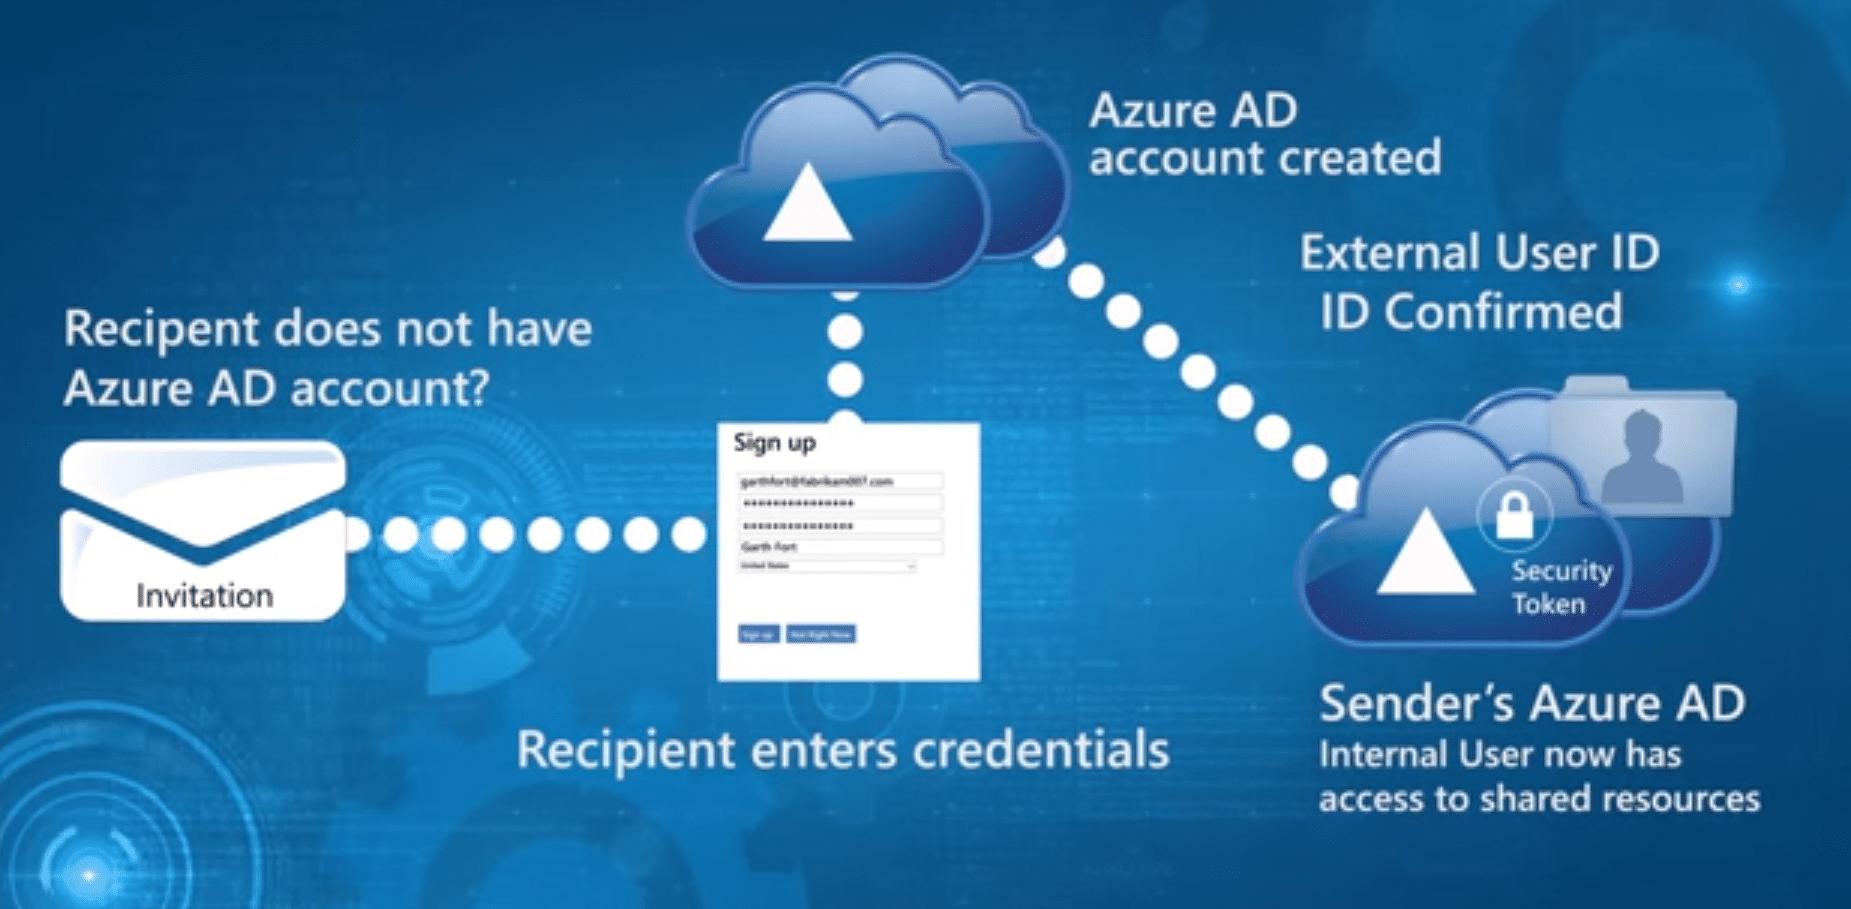 Si utilisateur possède un compte Active Directory Azure pour obtenir accès ressources et fichiers entreprise